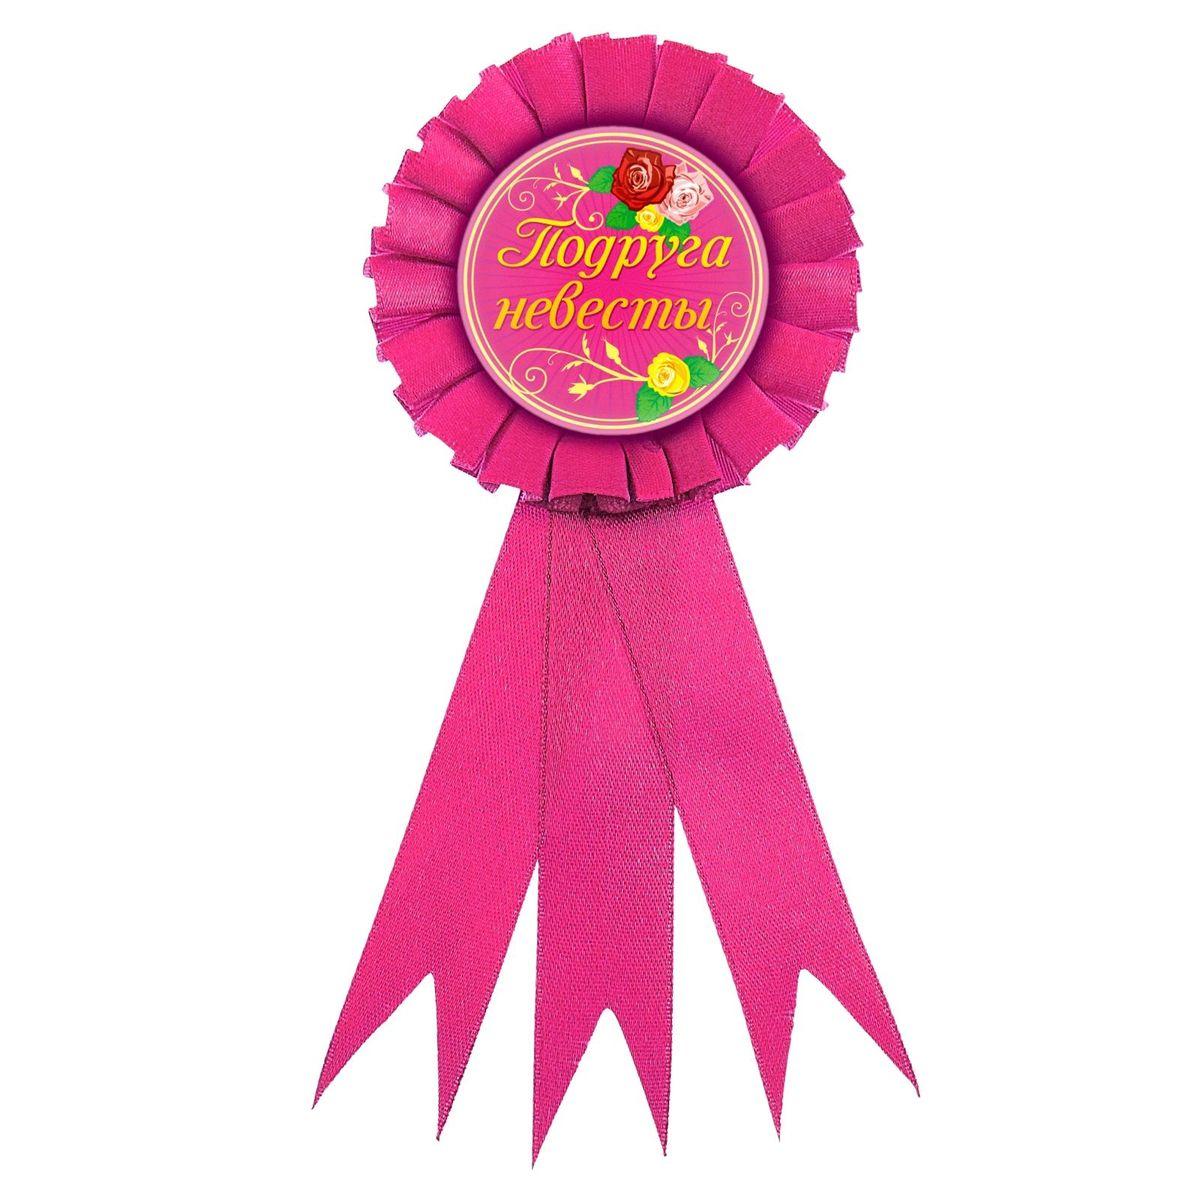 Значок-орден Sima-land Подруга невесты936909Оригинальный значок-орден Sima-land Подруга невесты изготовлен из пластика и декорирован яркими текстильными лентами. Когда на носу торжественное событие, так хочется окружить себя яркими красками и счастливыми улыбками! Порадуйте своих близких и родных самой эффектной и позитивной наградой, которую уж точно будет видно издалека!